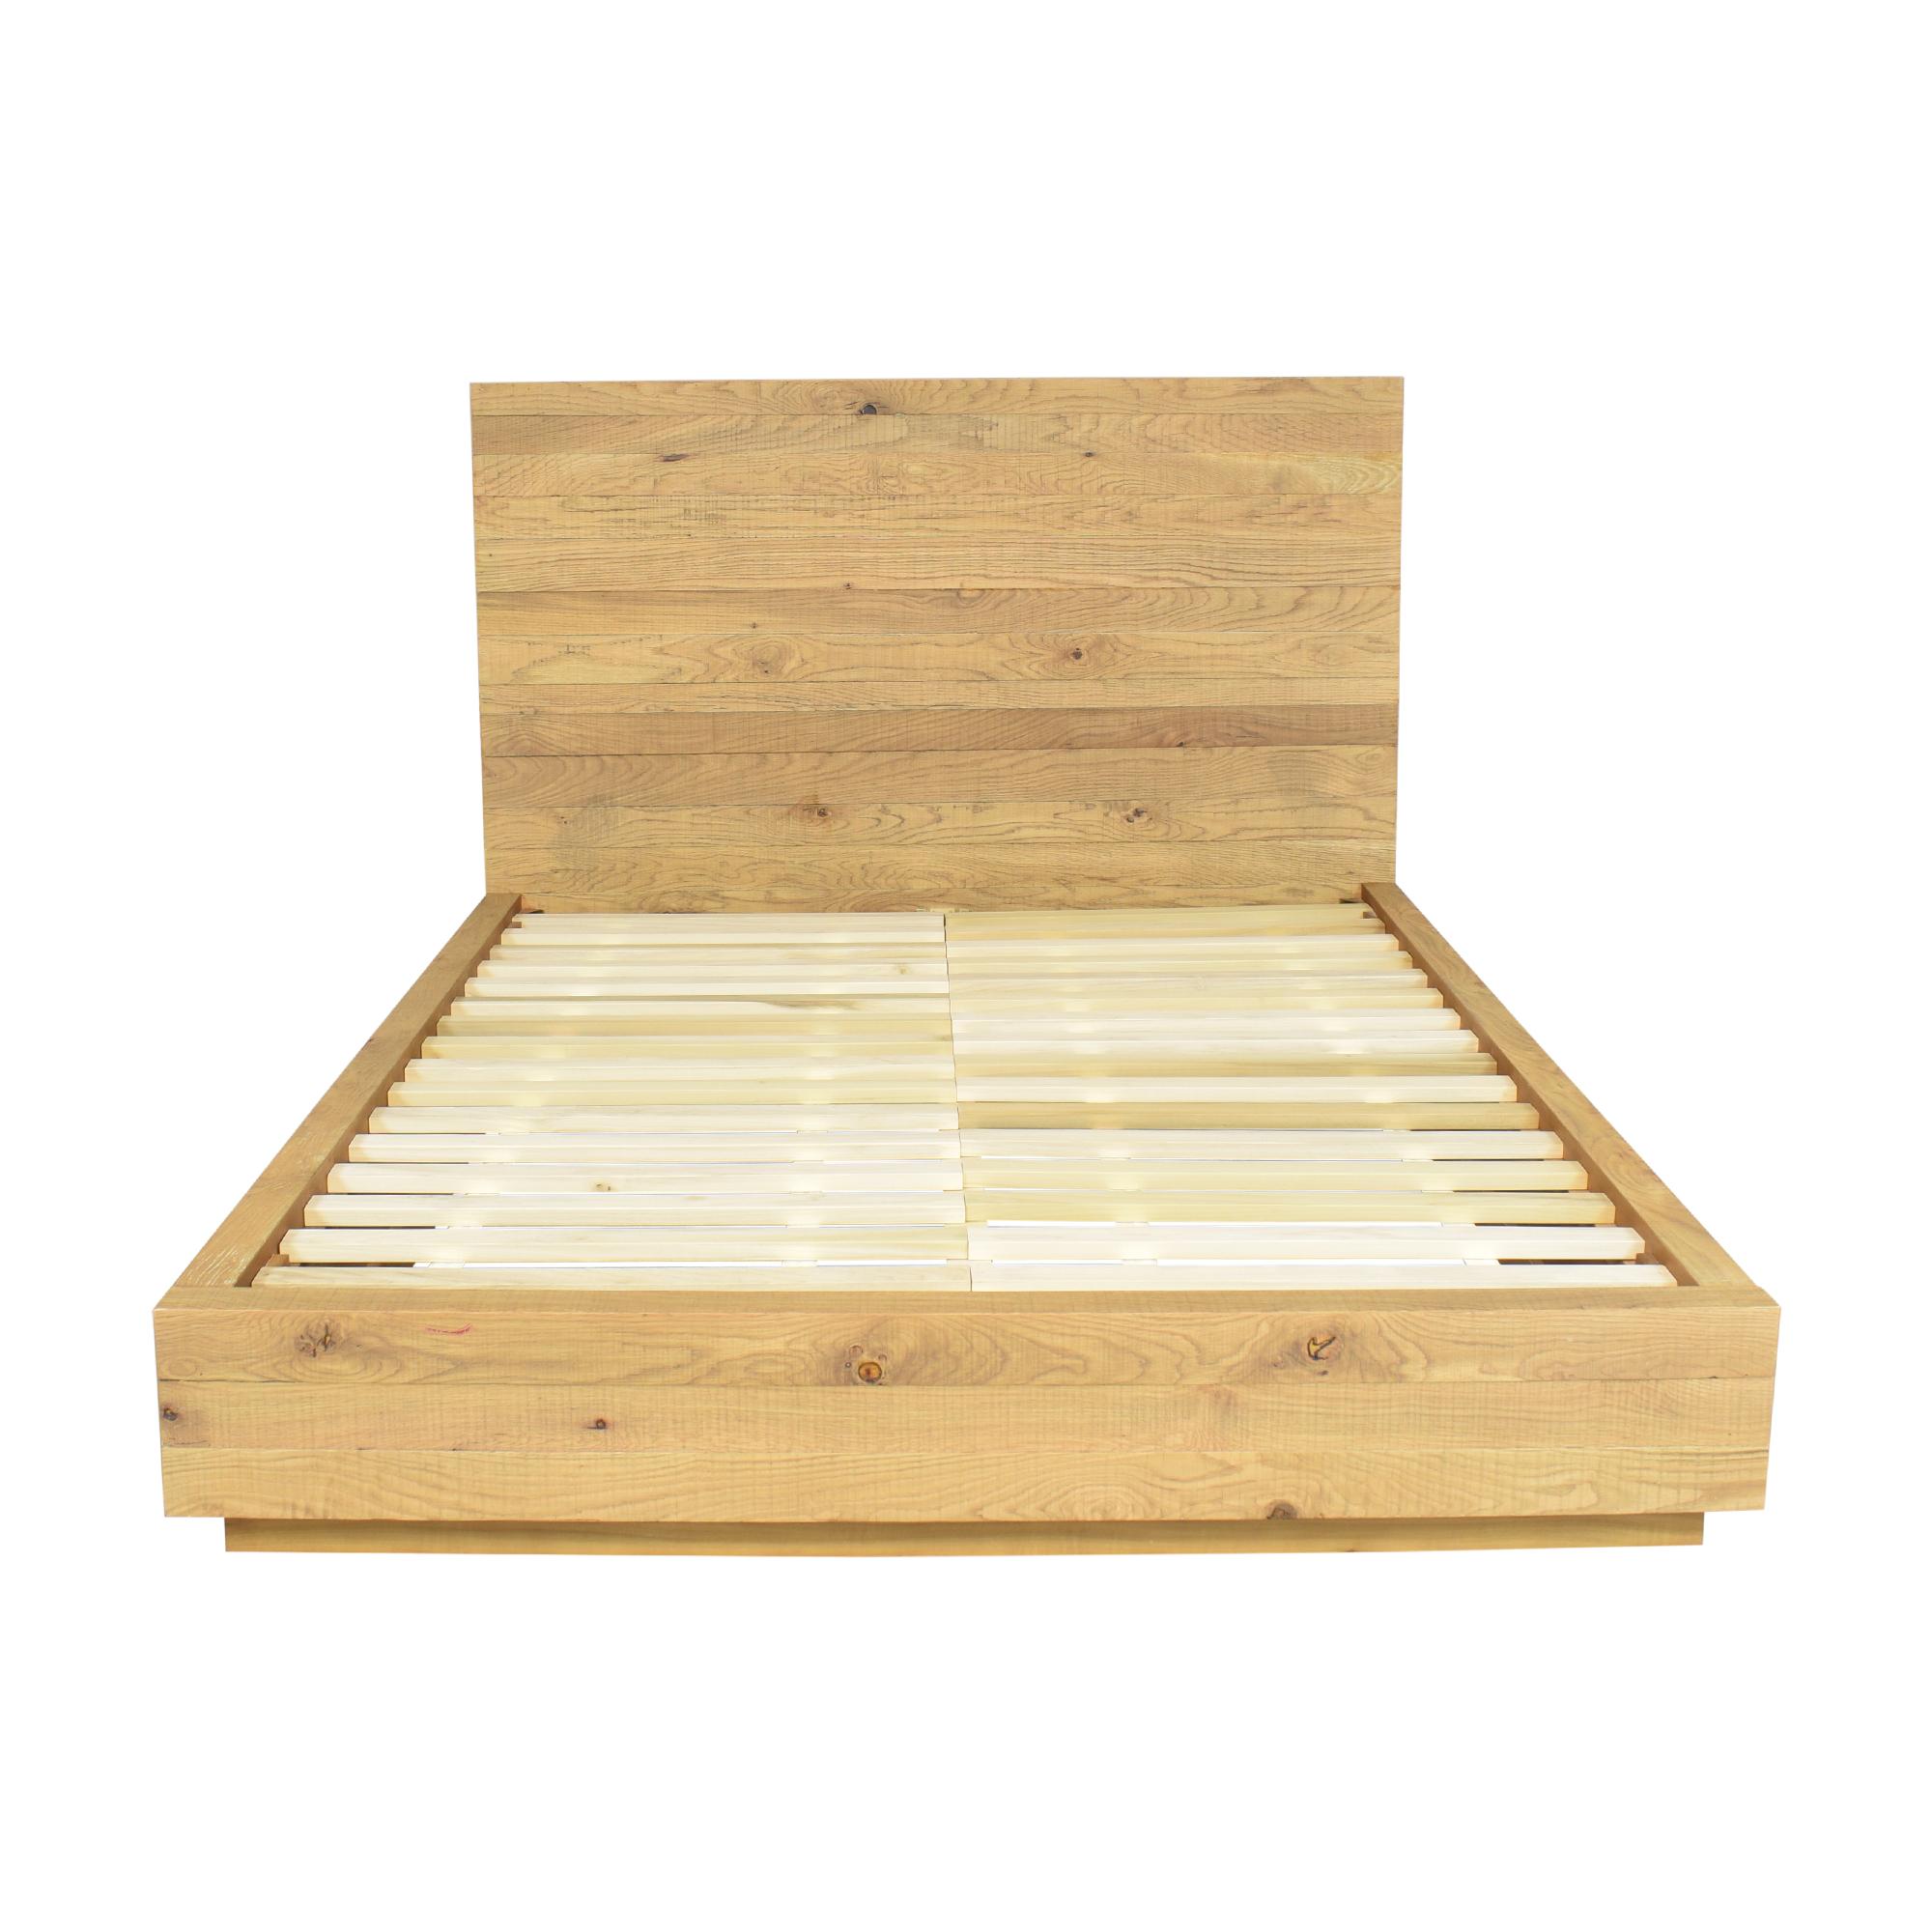 Crate & Barrel Crate & Barrel Cas Queen Bed nj